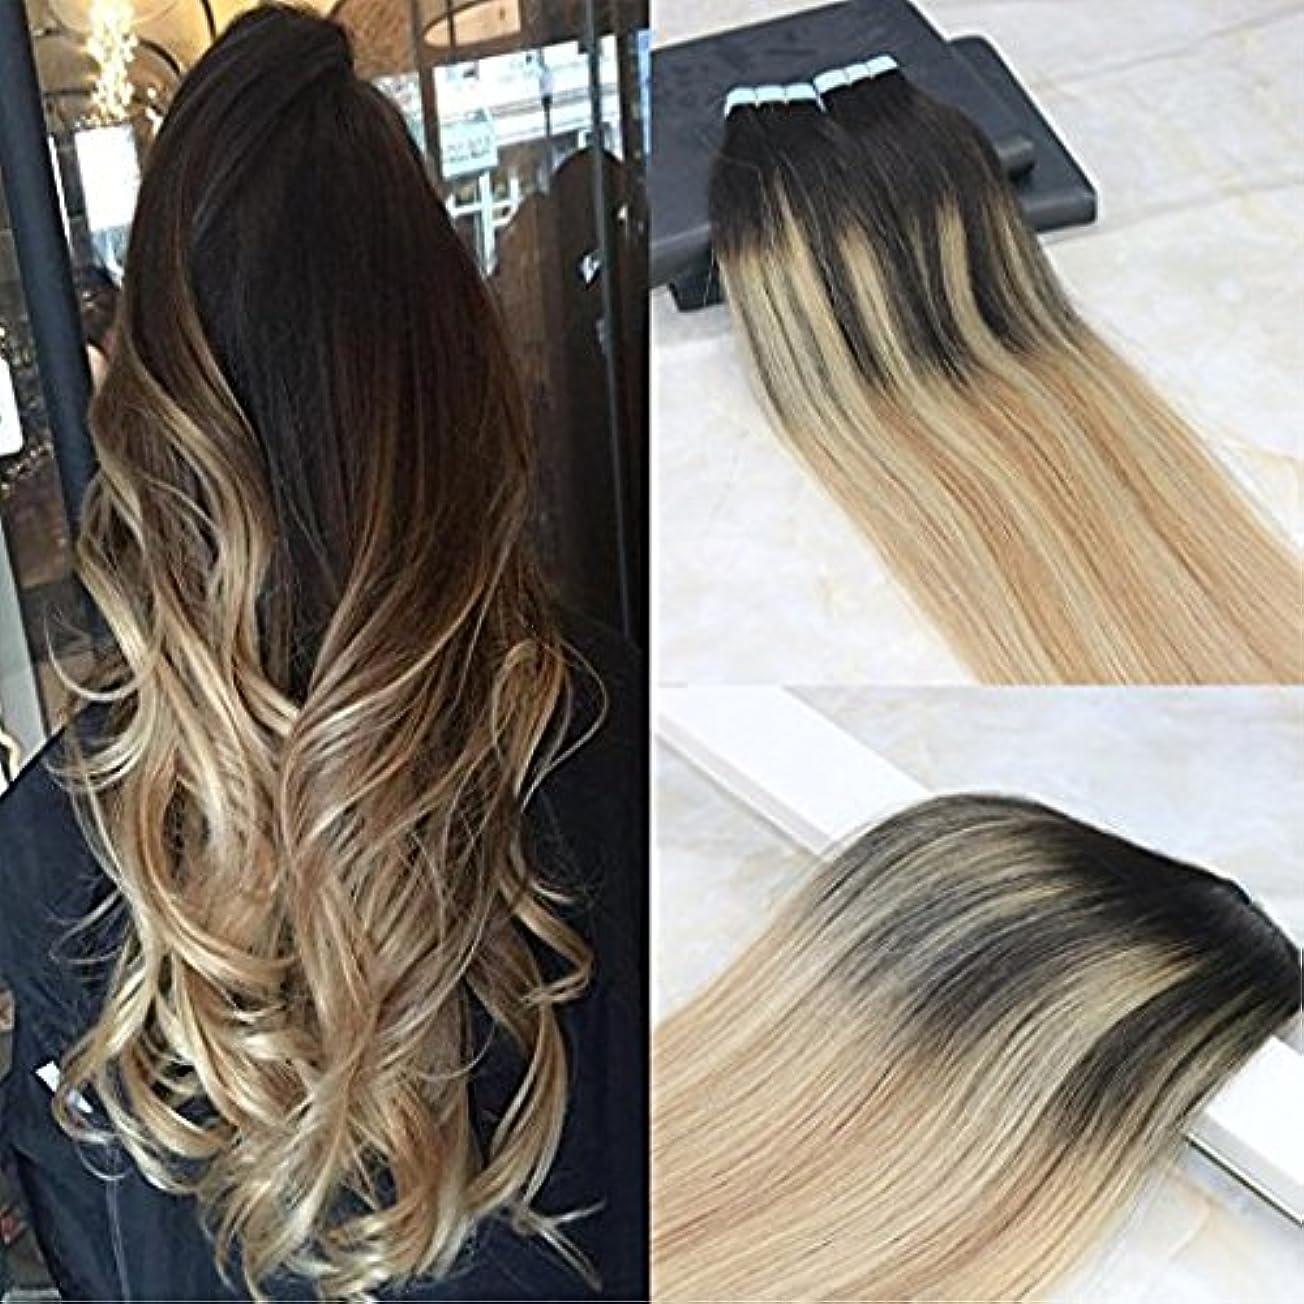 インキュバスレンチ座るHairDancing 45cm Tape in Remy Hair Extensions Balayage Hair Color Dark Brown #2 Fading to #12 Mixed #613 Bleach Blonde Seamless Skin Weft Hair Extensions Remy Human Hair 50g/20pcs Full Head Set